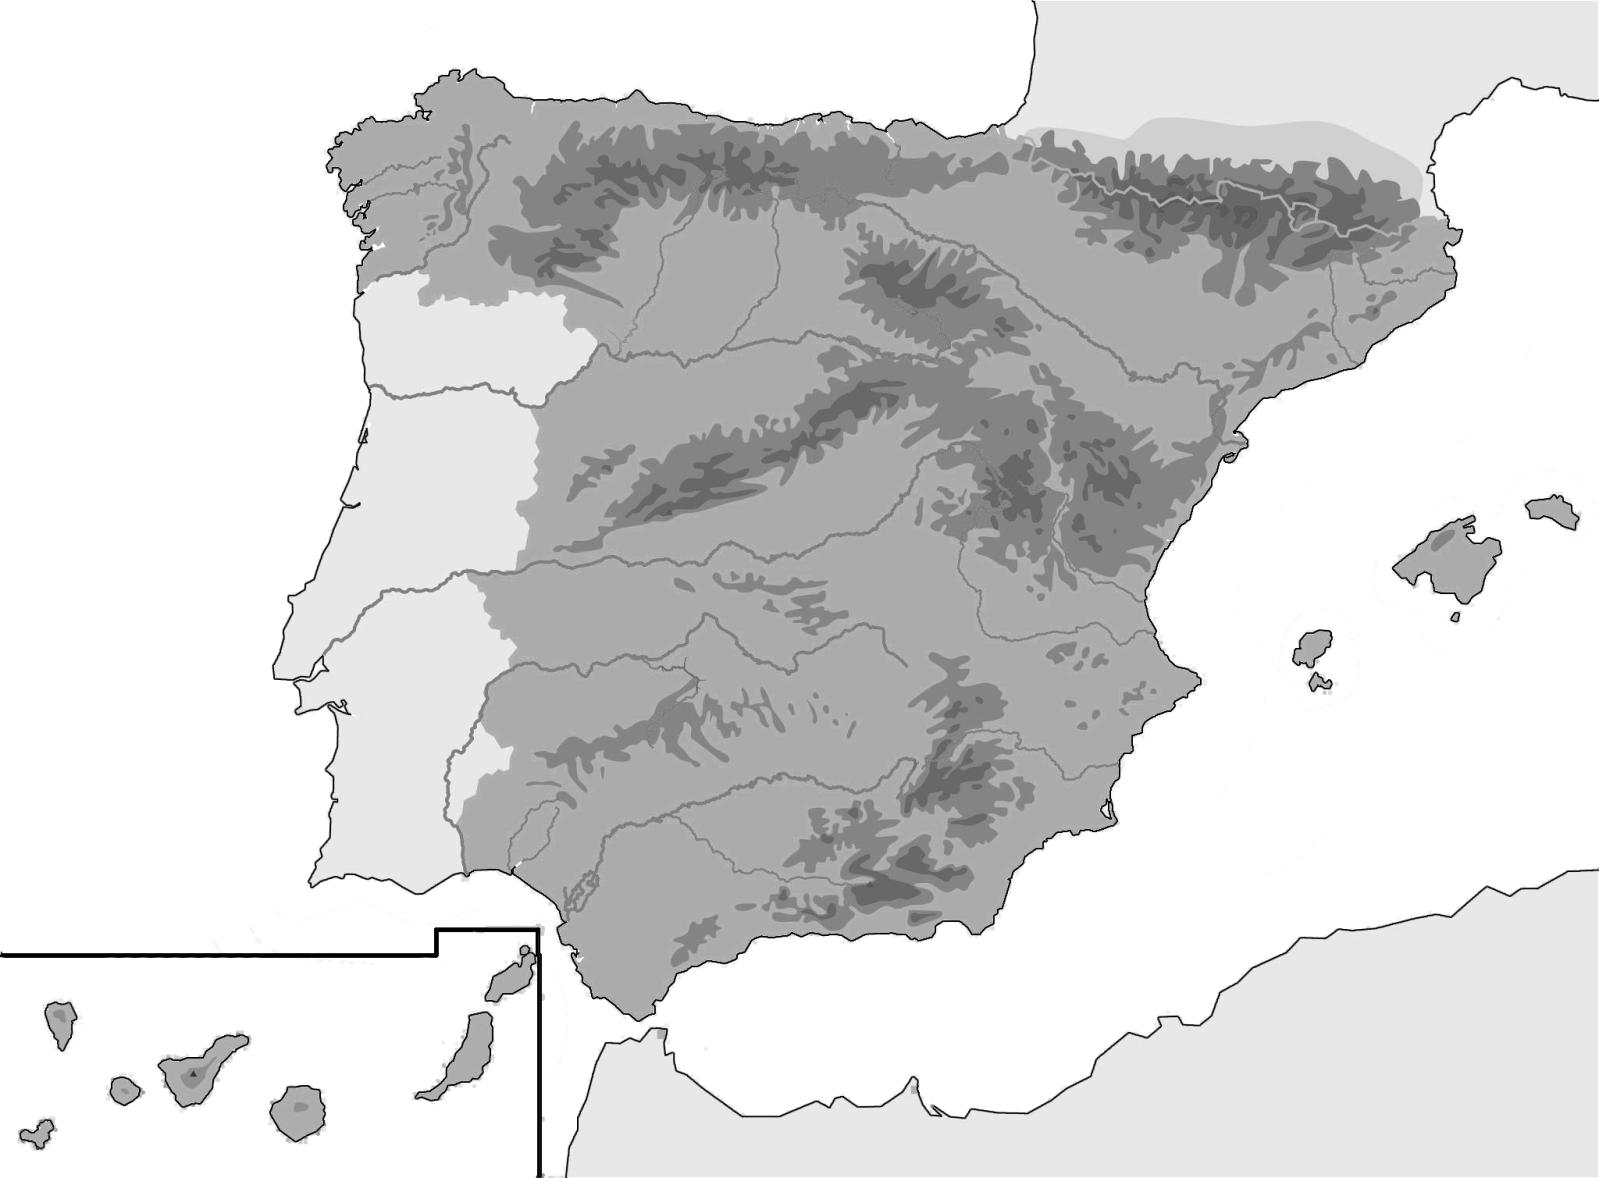 Juegos De Geografía Juego De Mapa Físico Península Ibérica 1º Eso Cerebriti